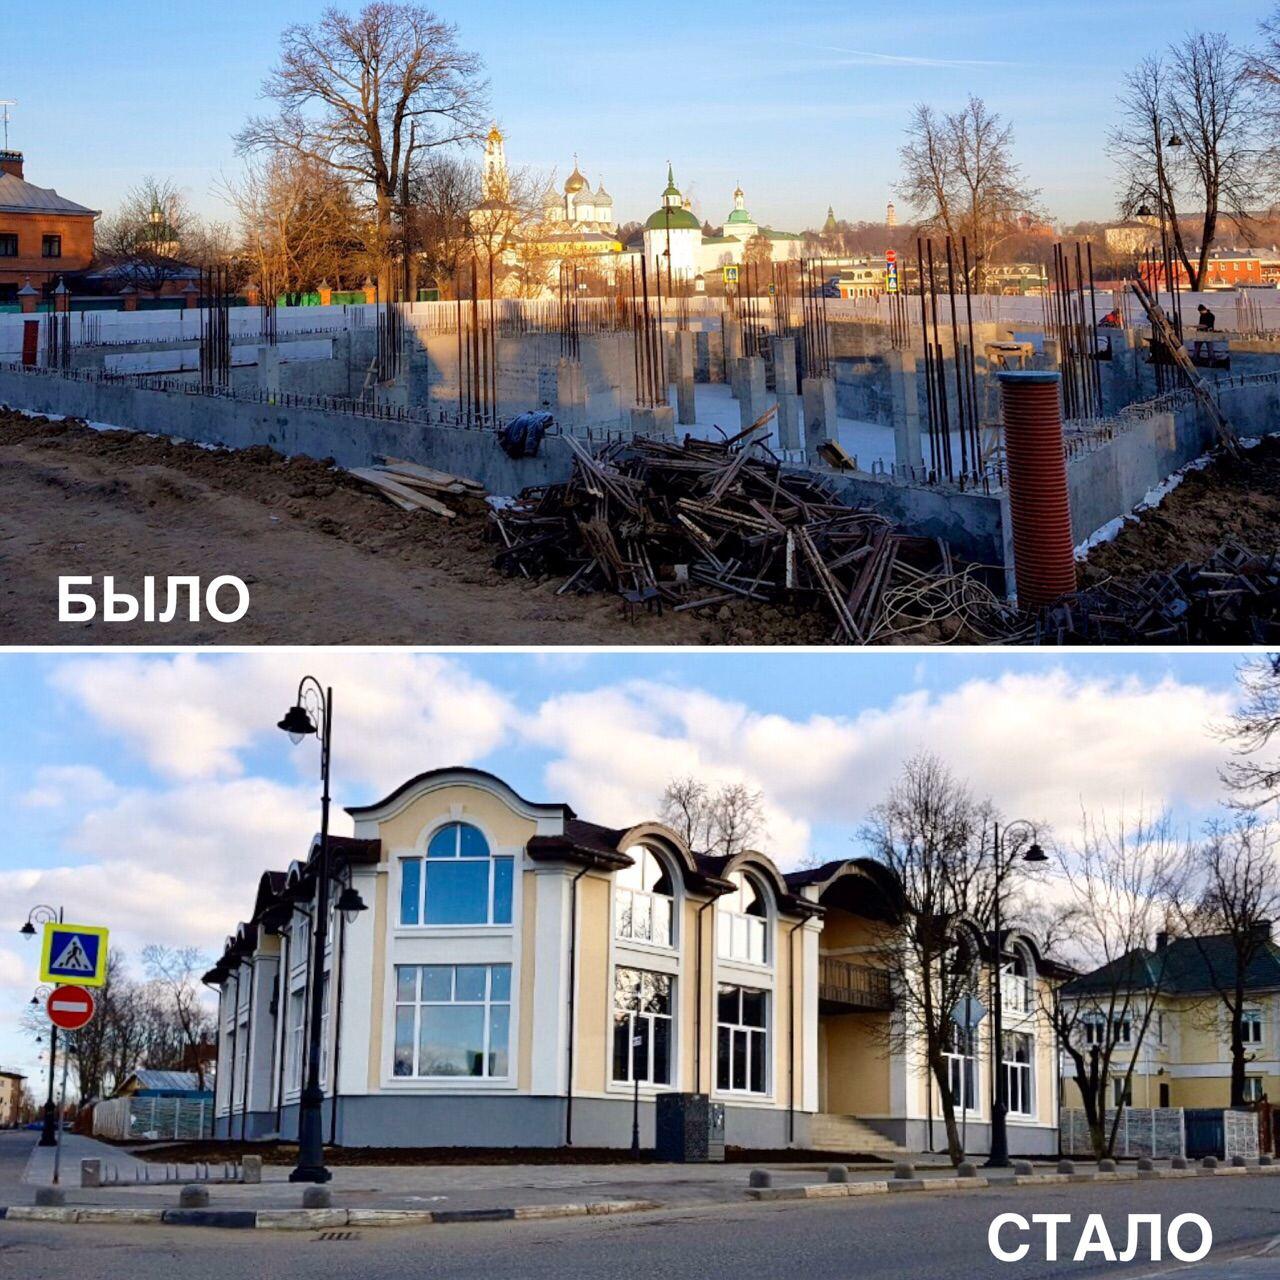 Более 1900 объектов незавершенного строительства ликвидировано на территории Подмосковья за три года